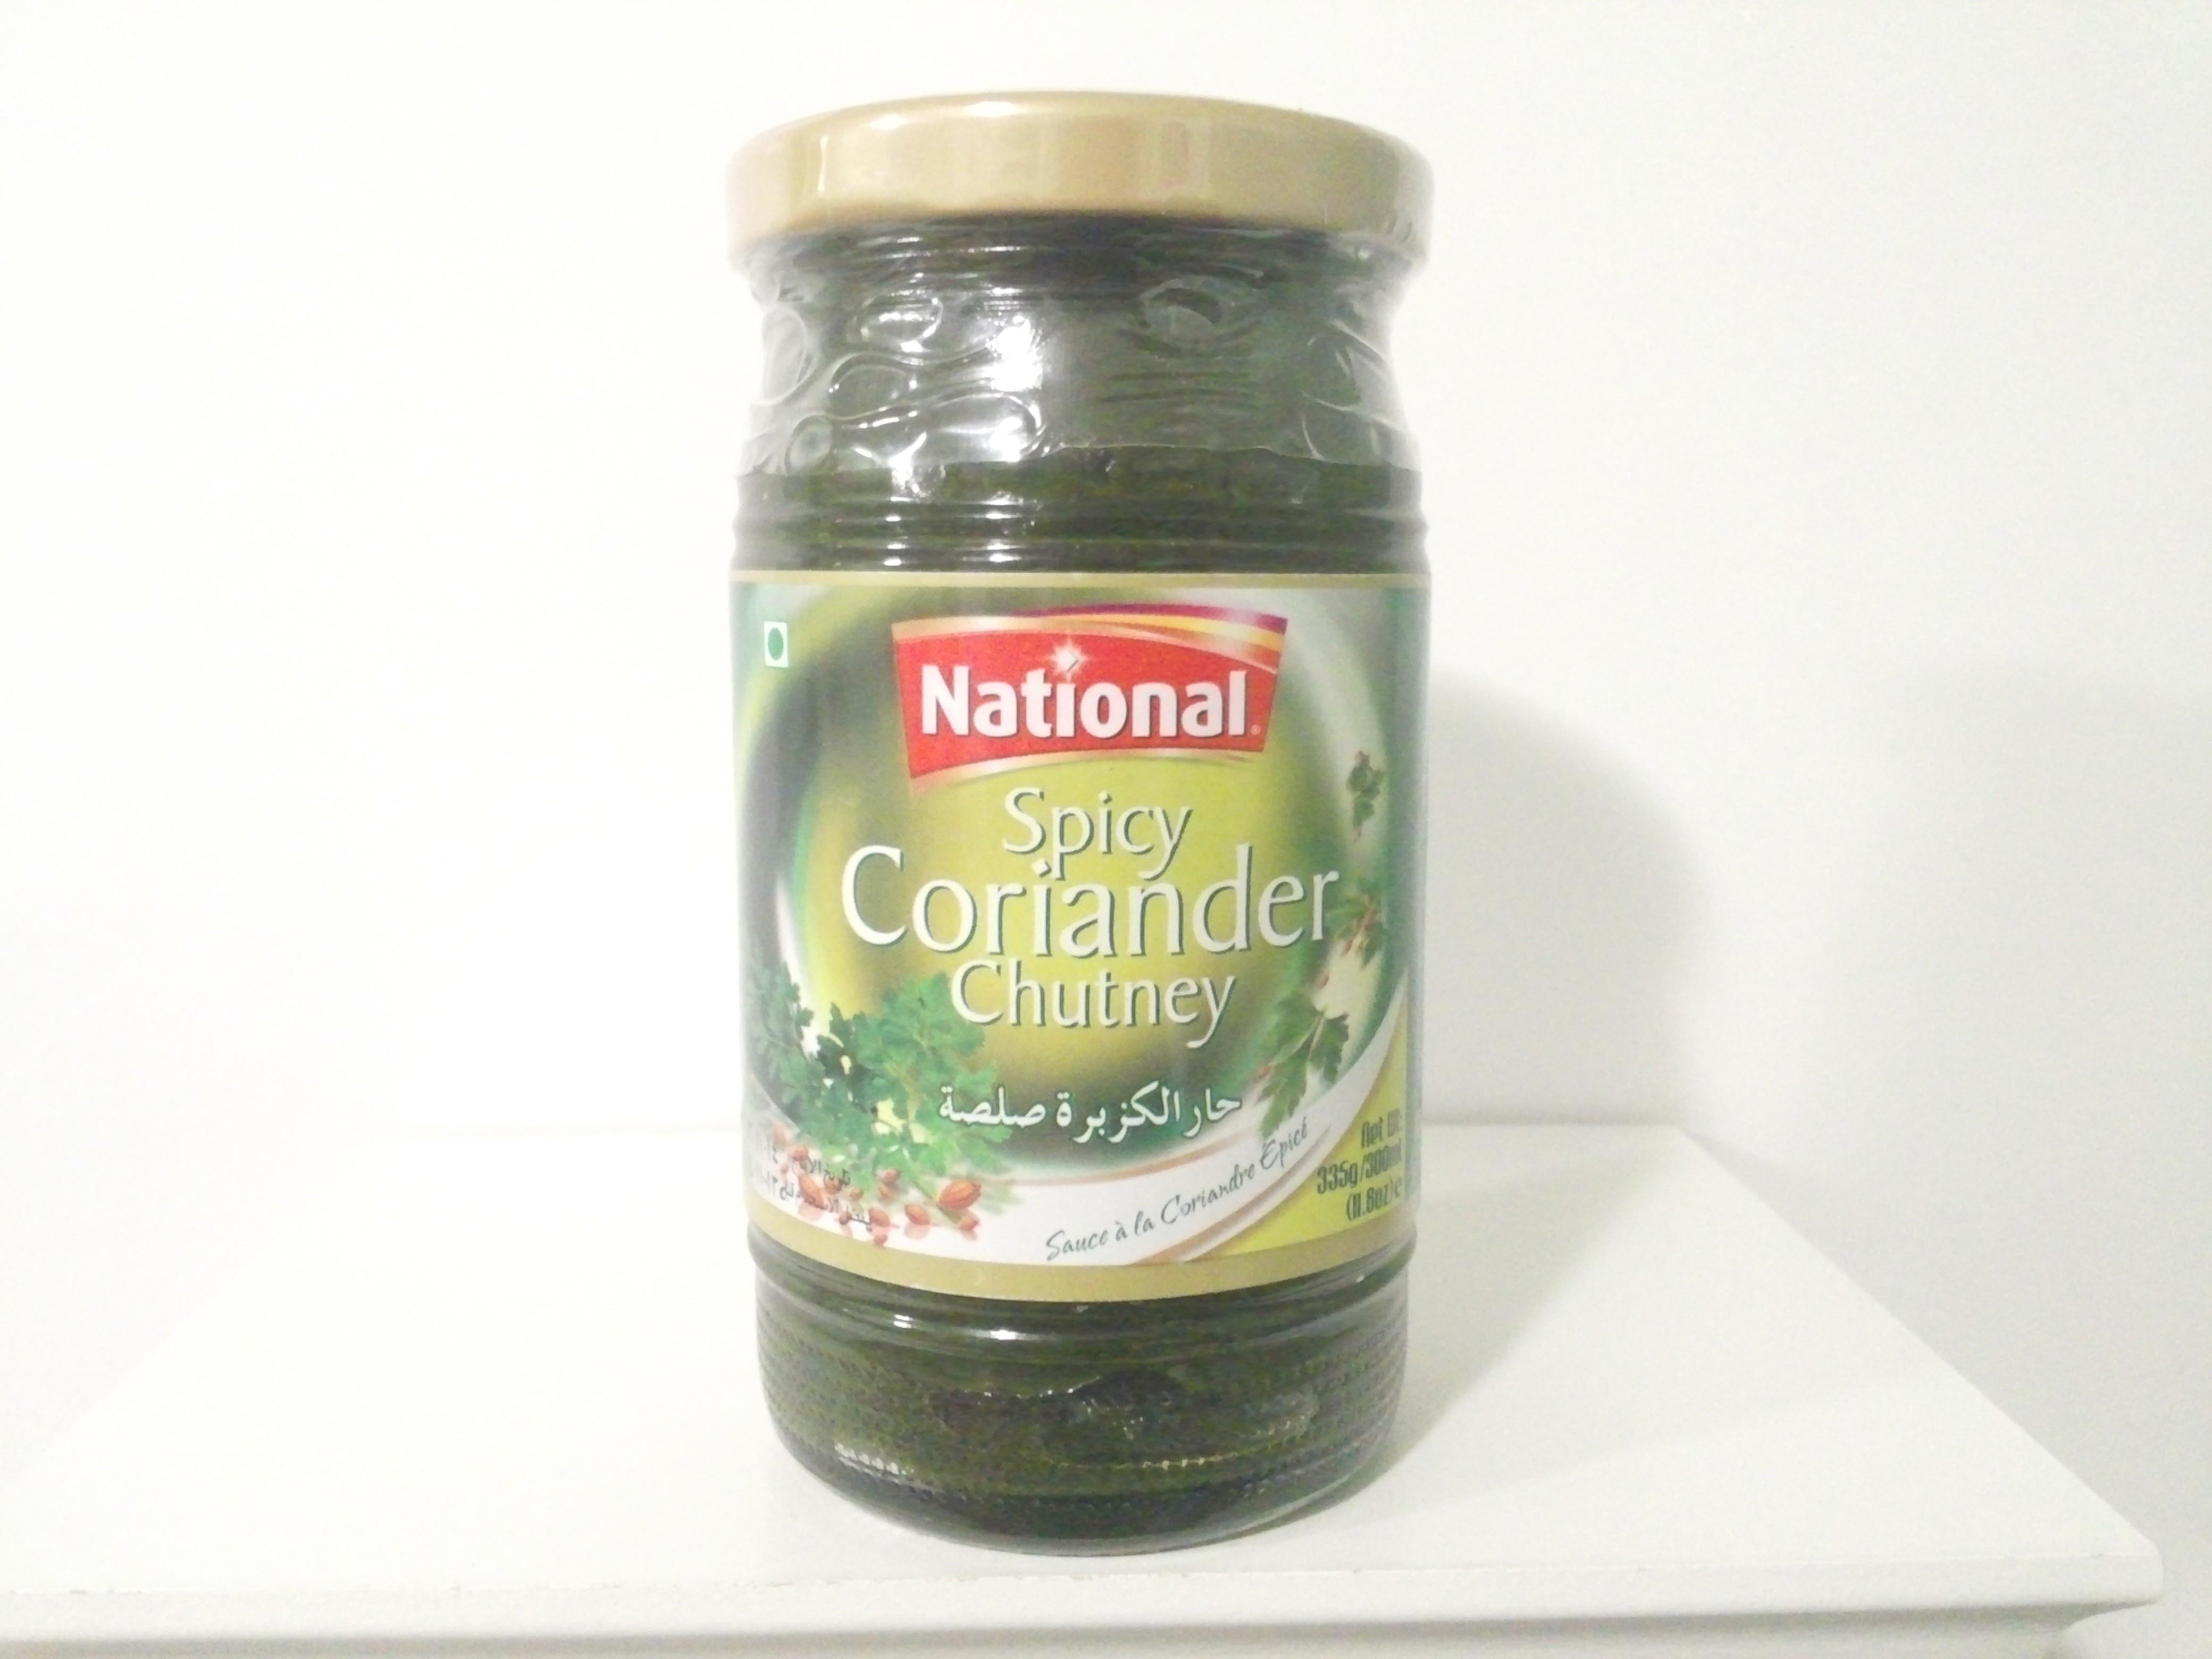 National Spicy Coriander Chutney 335 grm